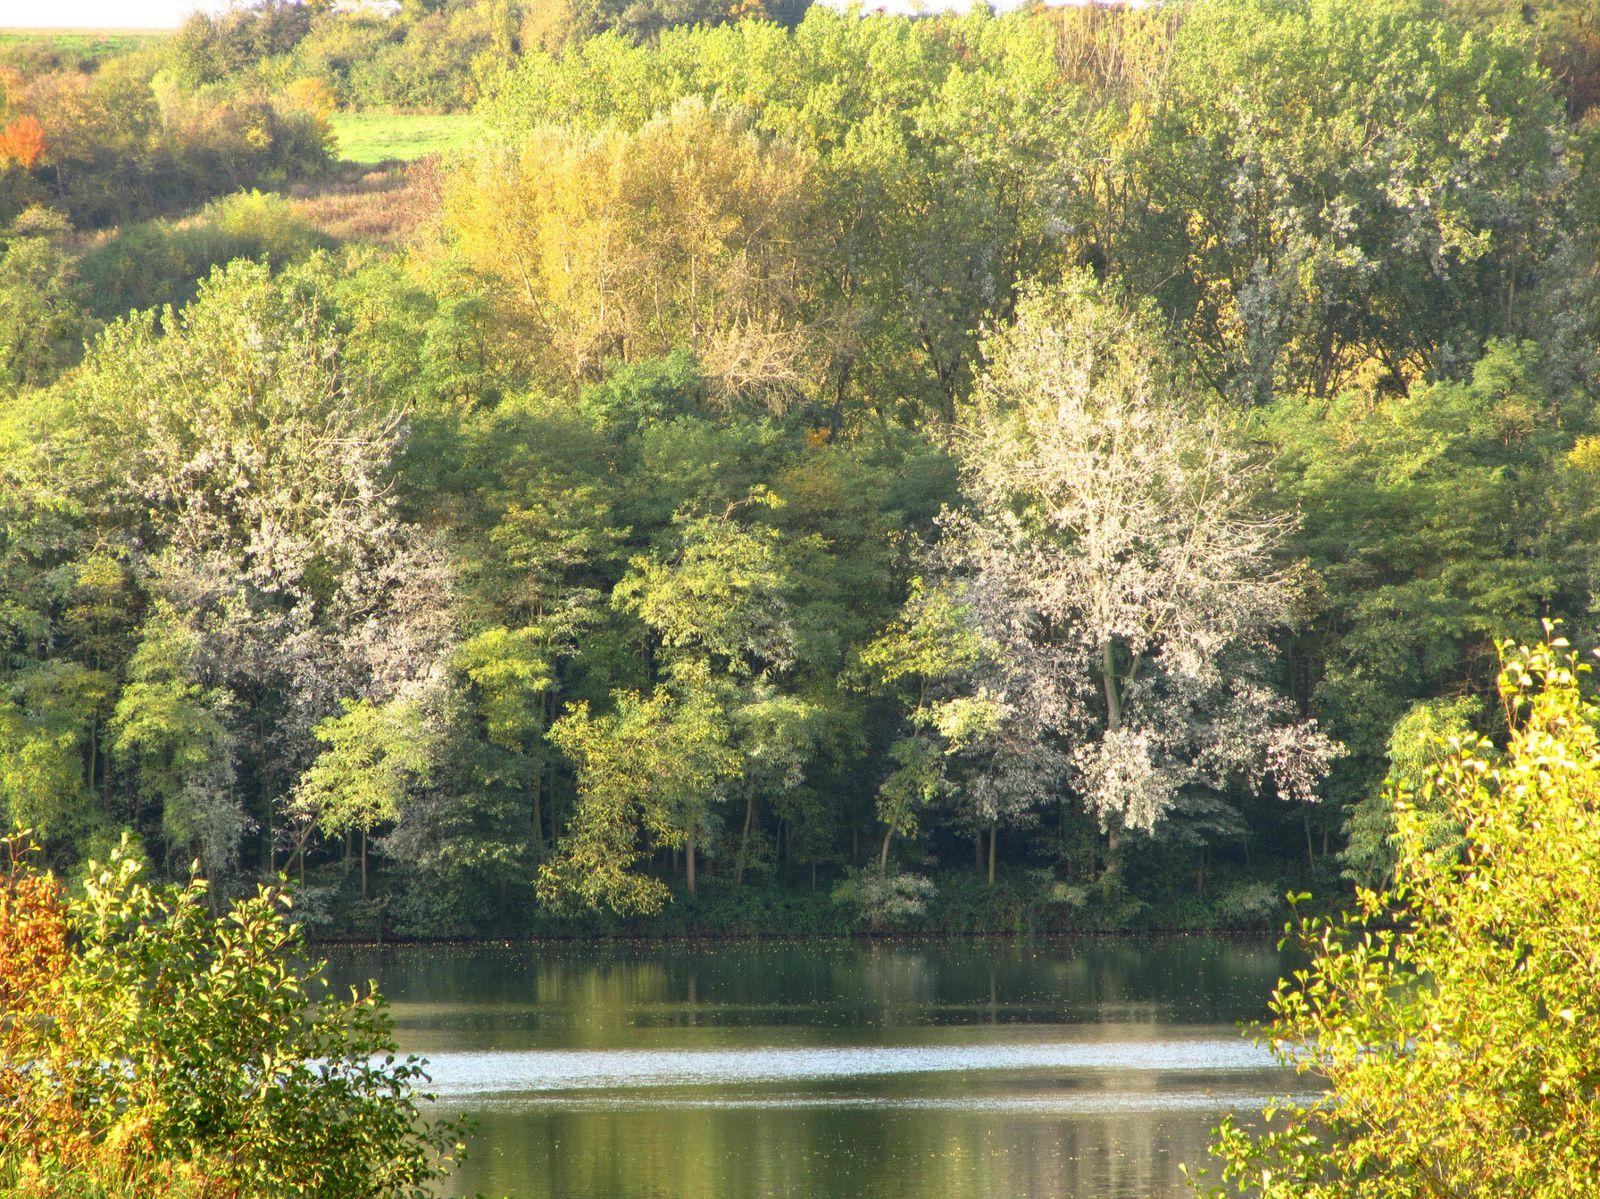 C'est un havre de paix pour la faune aquatique, en particulier les cormorans qui ne sont pas les bienvenus dans les autres étangs, dédiés à la pêche dans la vallée de la Moselle. Les déjections acides des cormorans ont brûlé les branches, et même fait crever les arbres.